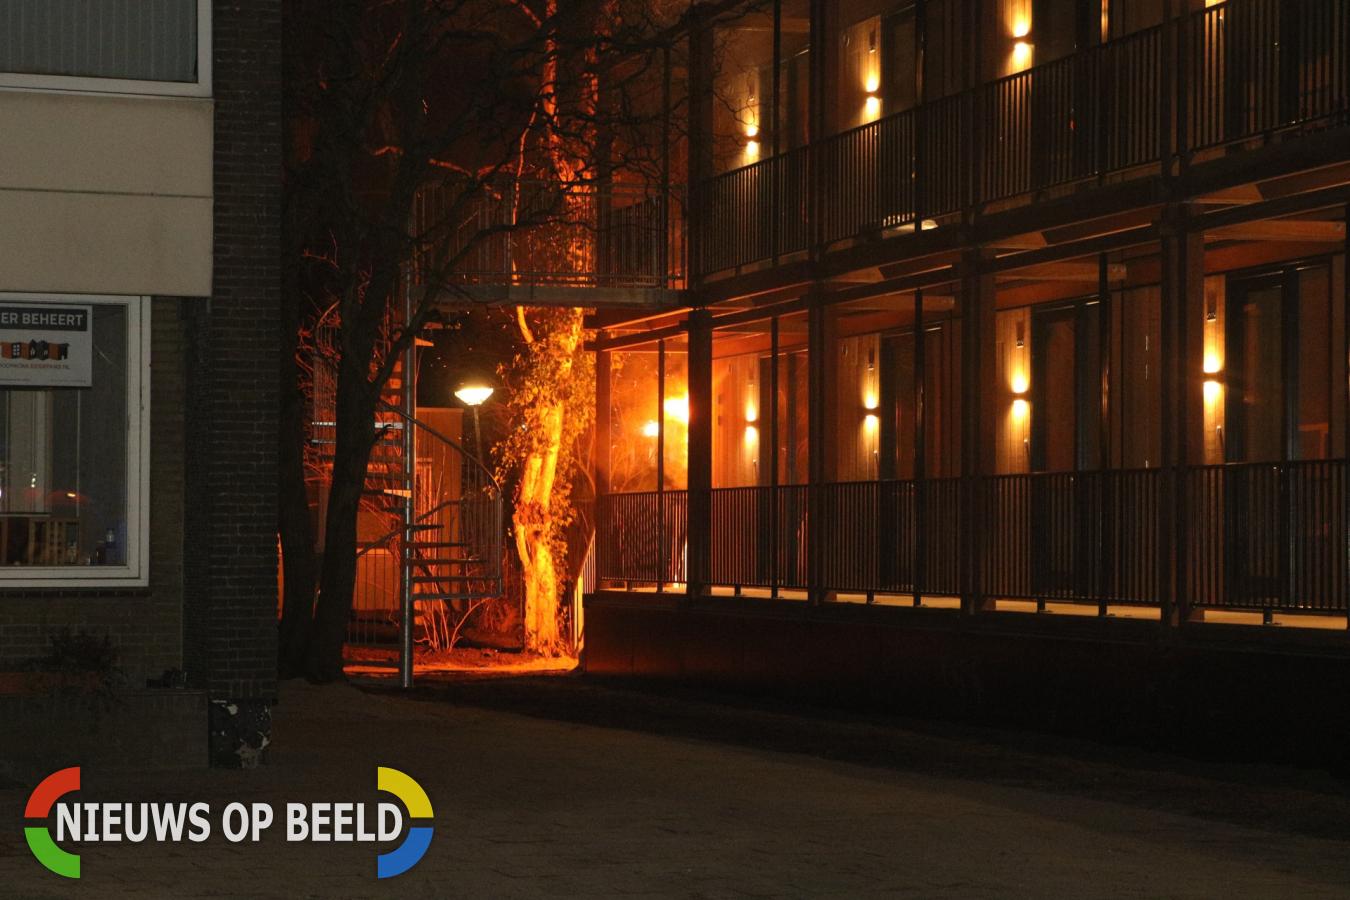 Uitslaande brand in en tegen een woning in aanbouw Sumatrastraat Leiden